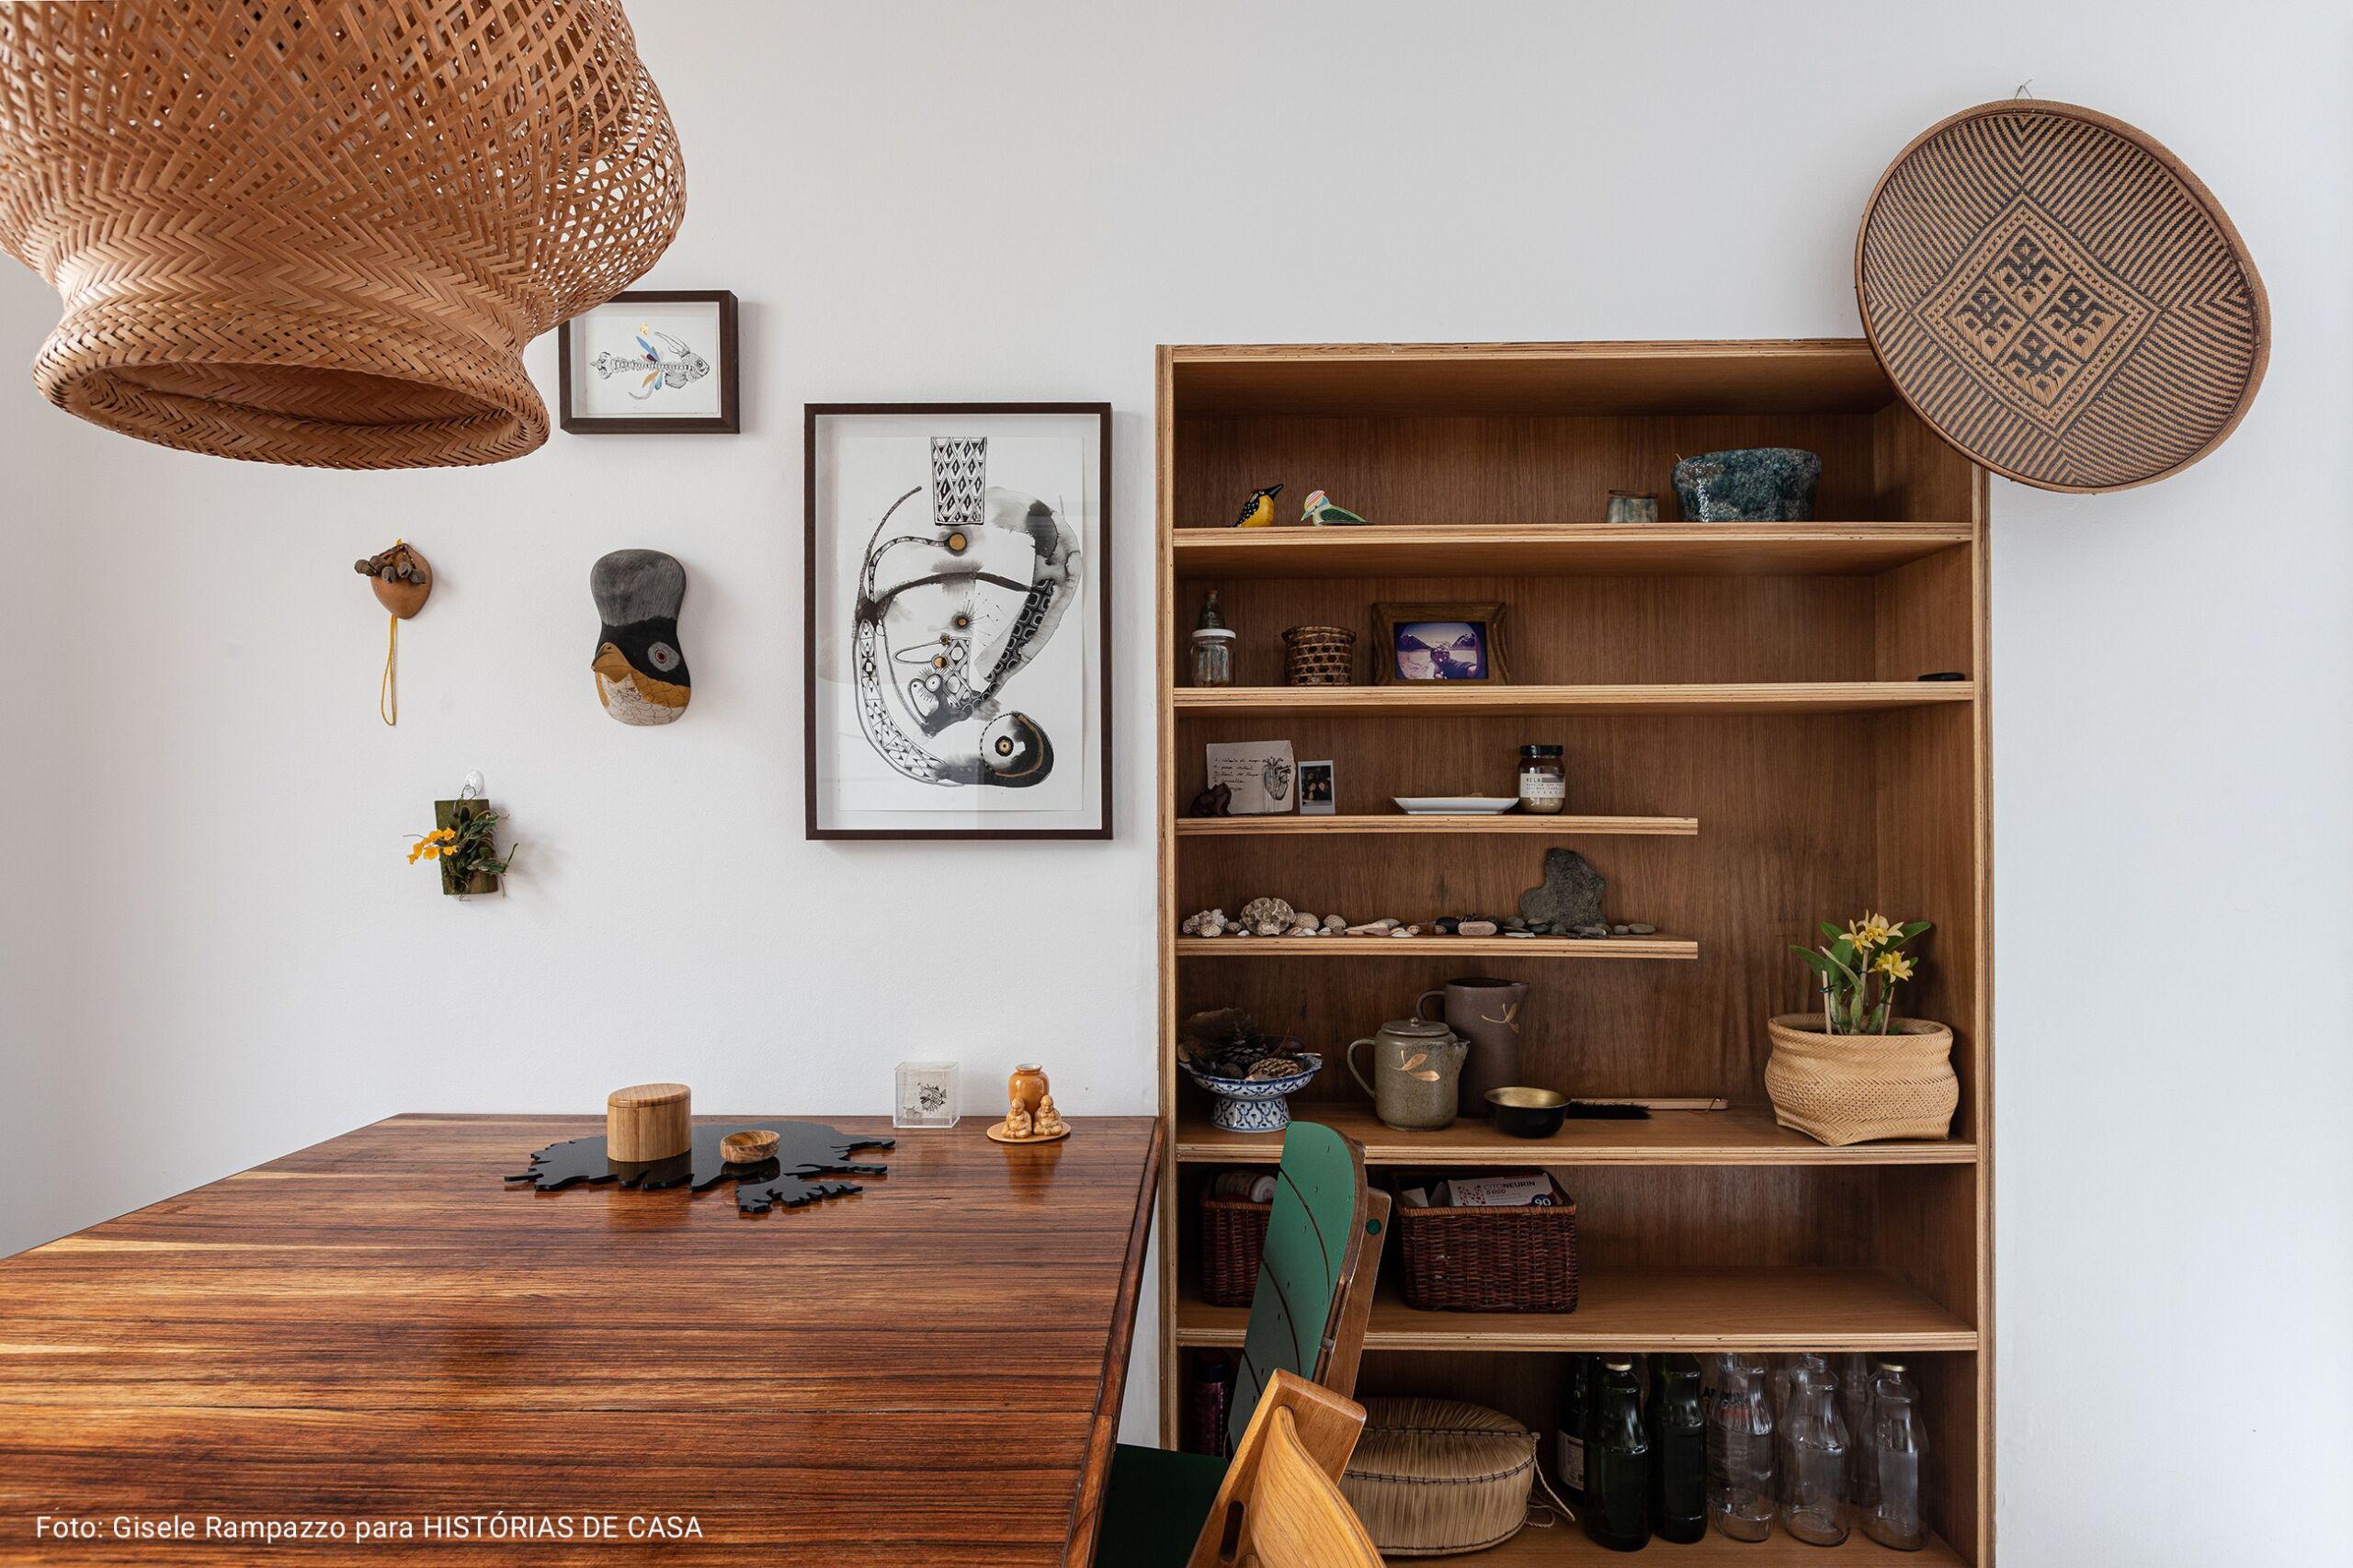 cozinha com luminária de palha artesanal